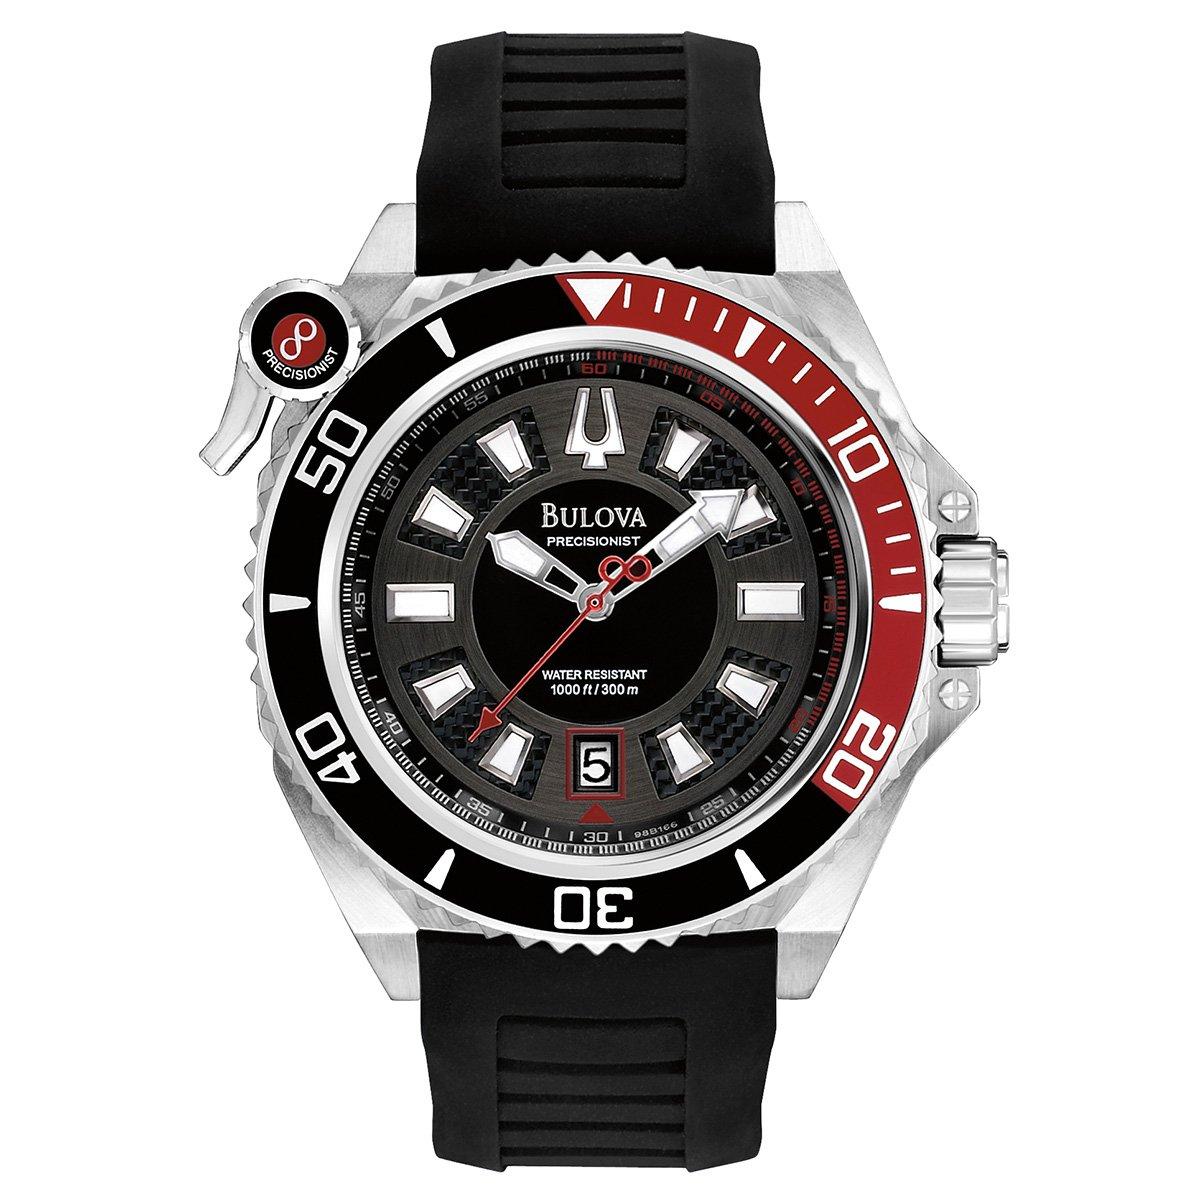 8bd115136c5 Relógio Bulova Analógico Esportivo WB31569T - Compre Agora